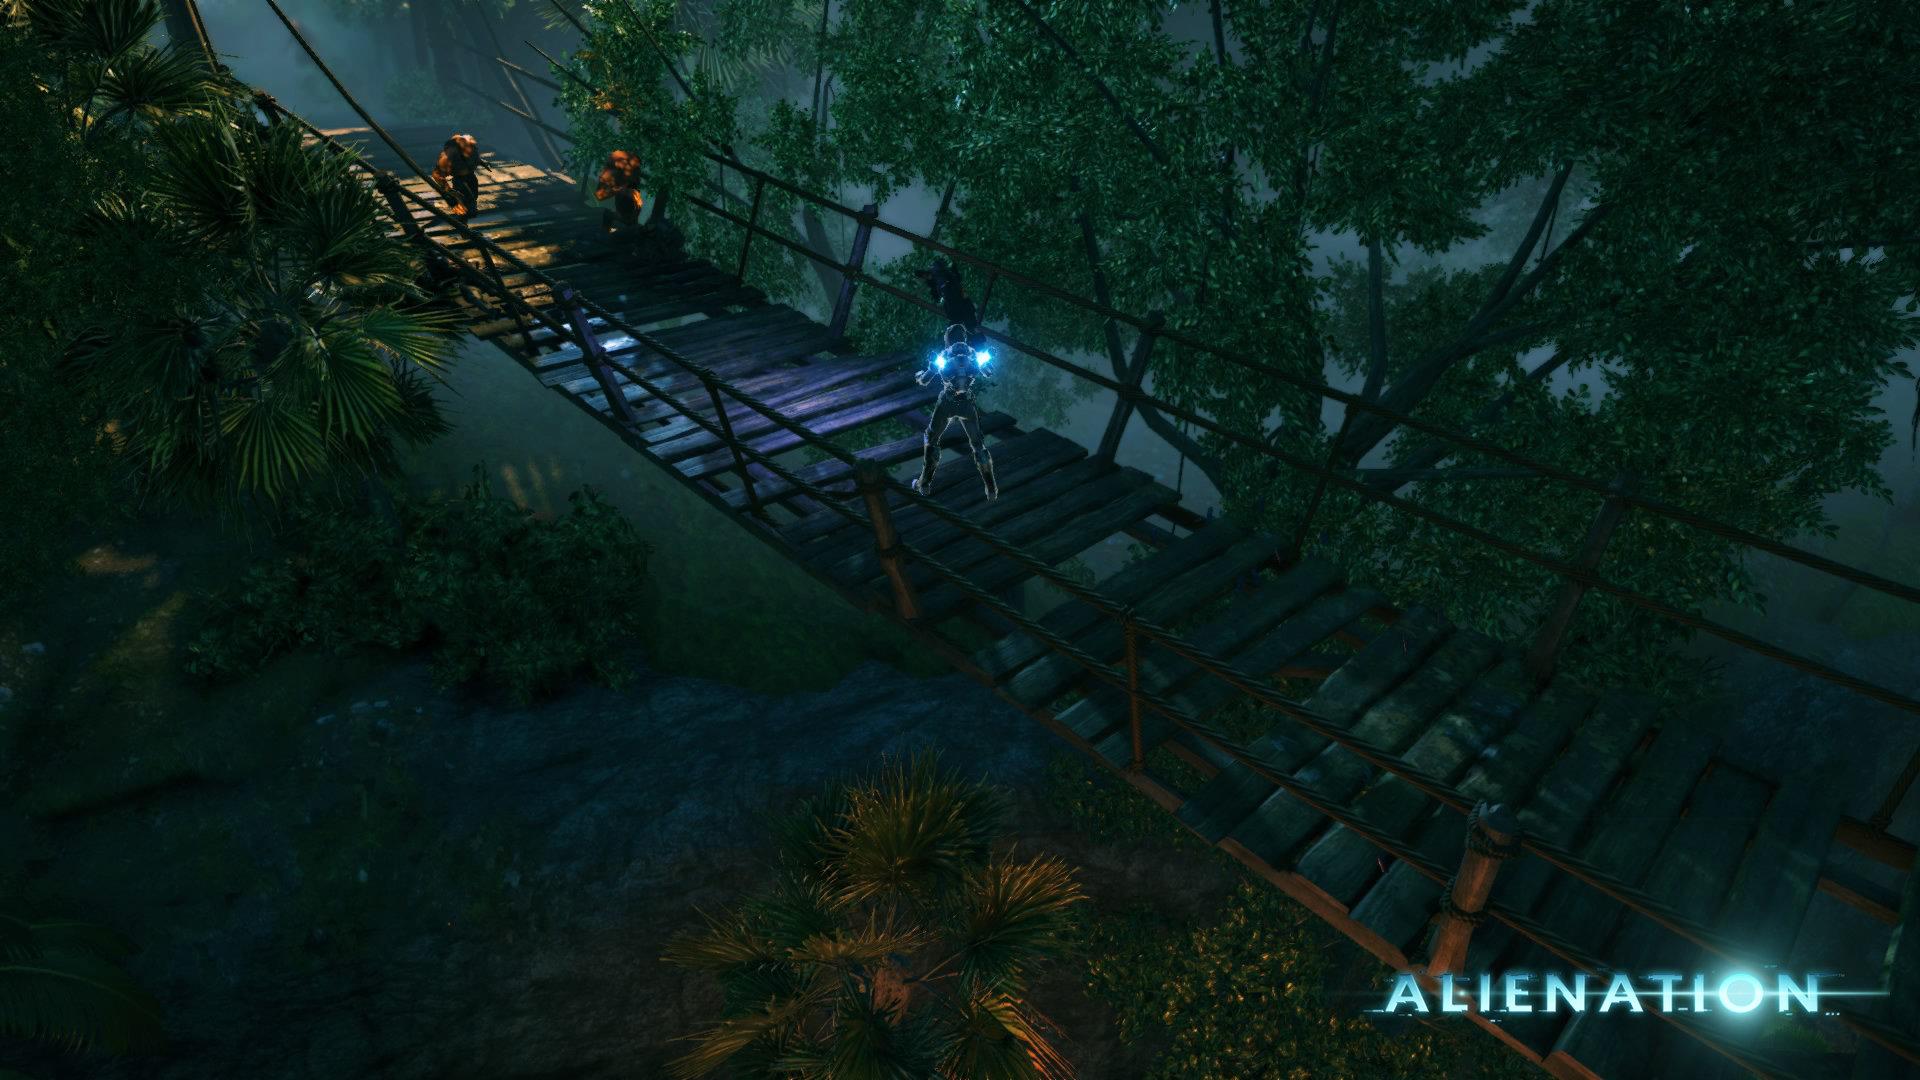 alienation-screen-03-ps4-us-18mar16.jpg